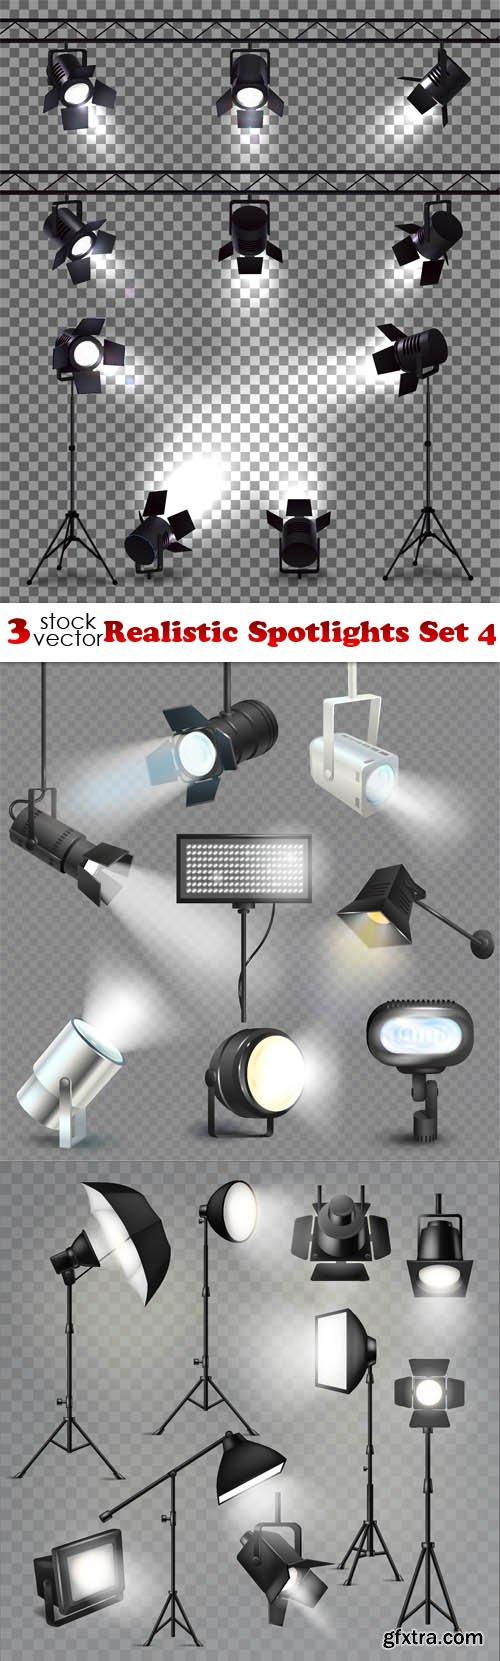 Vectors - Realistic Spotlights Set 4